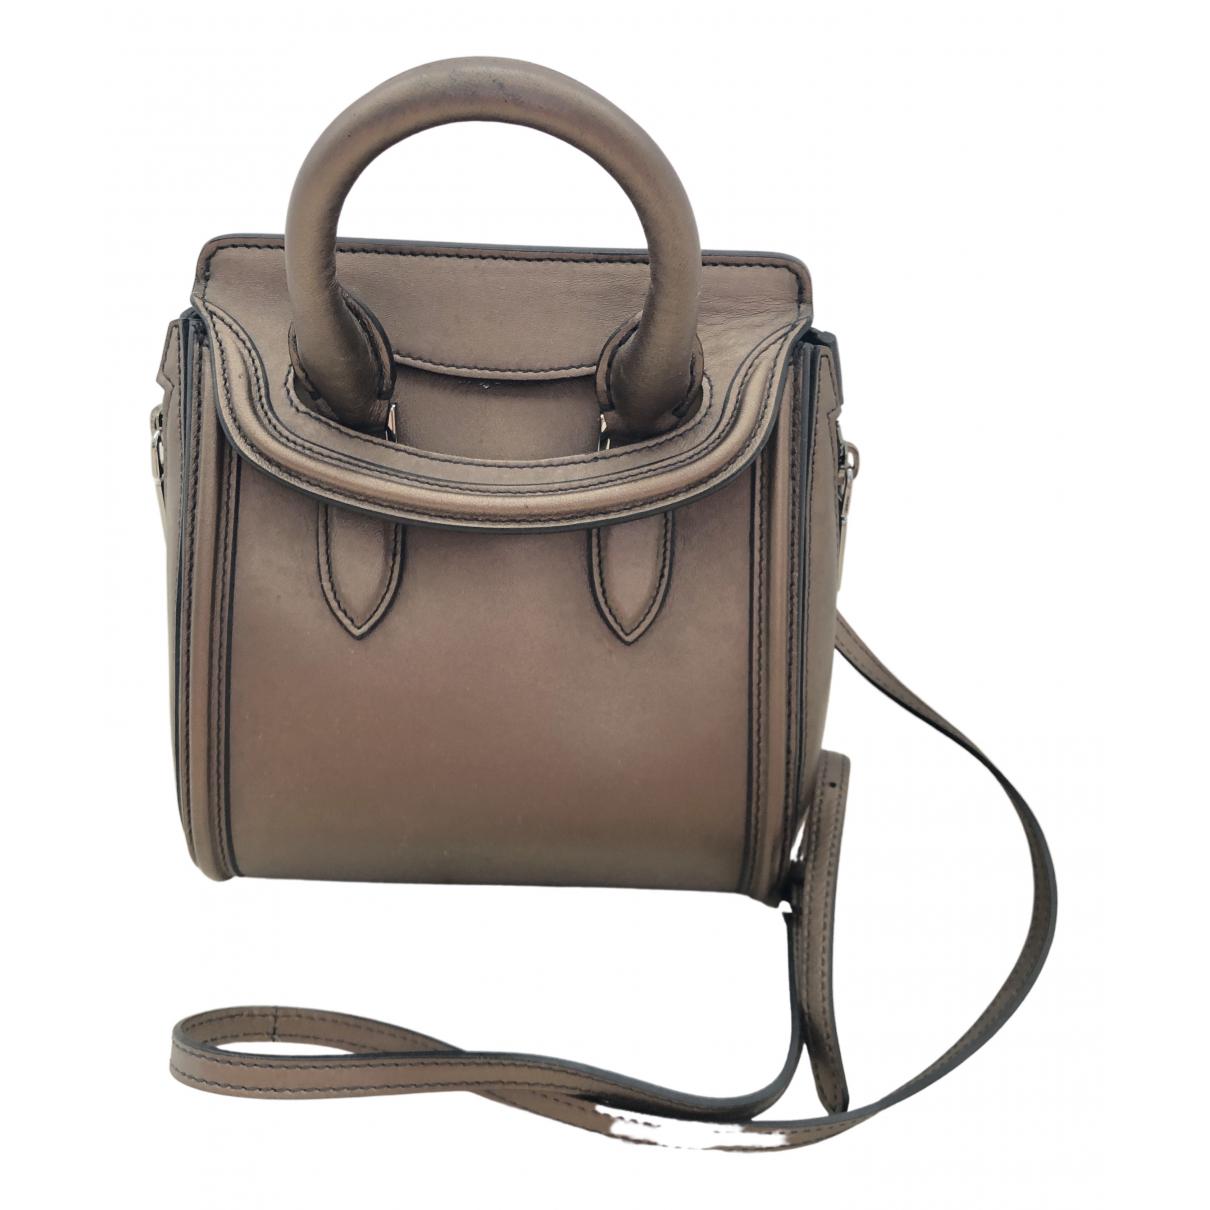 Alexander Mcqueen Heroine Metallic Leather handbag for Women \N